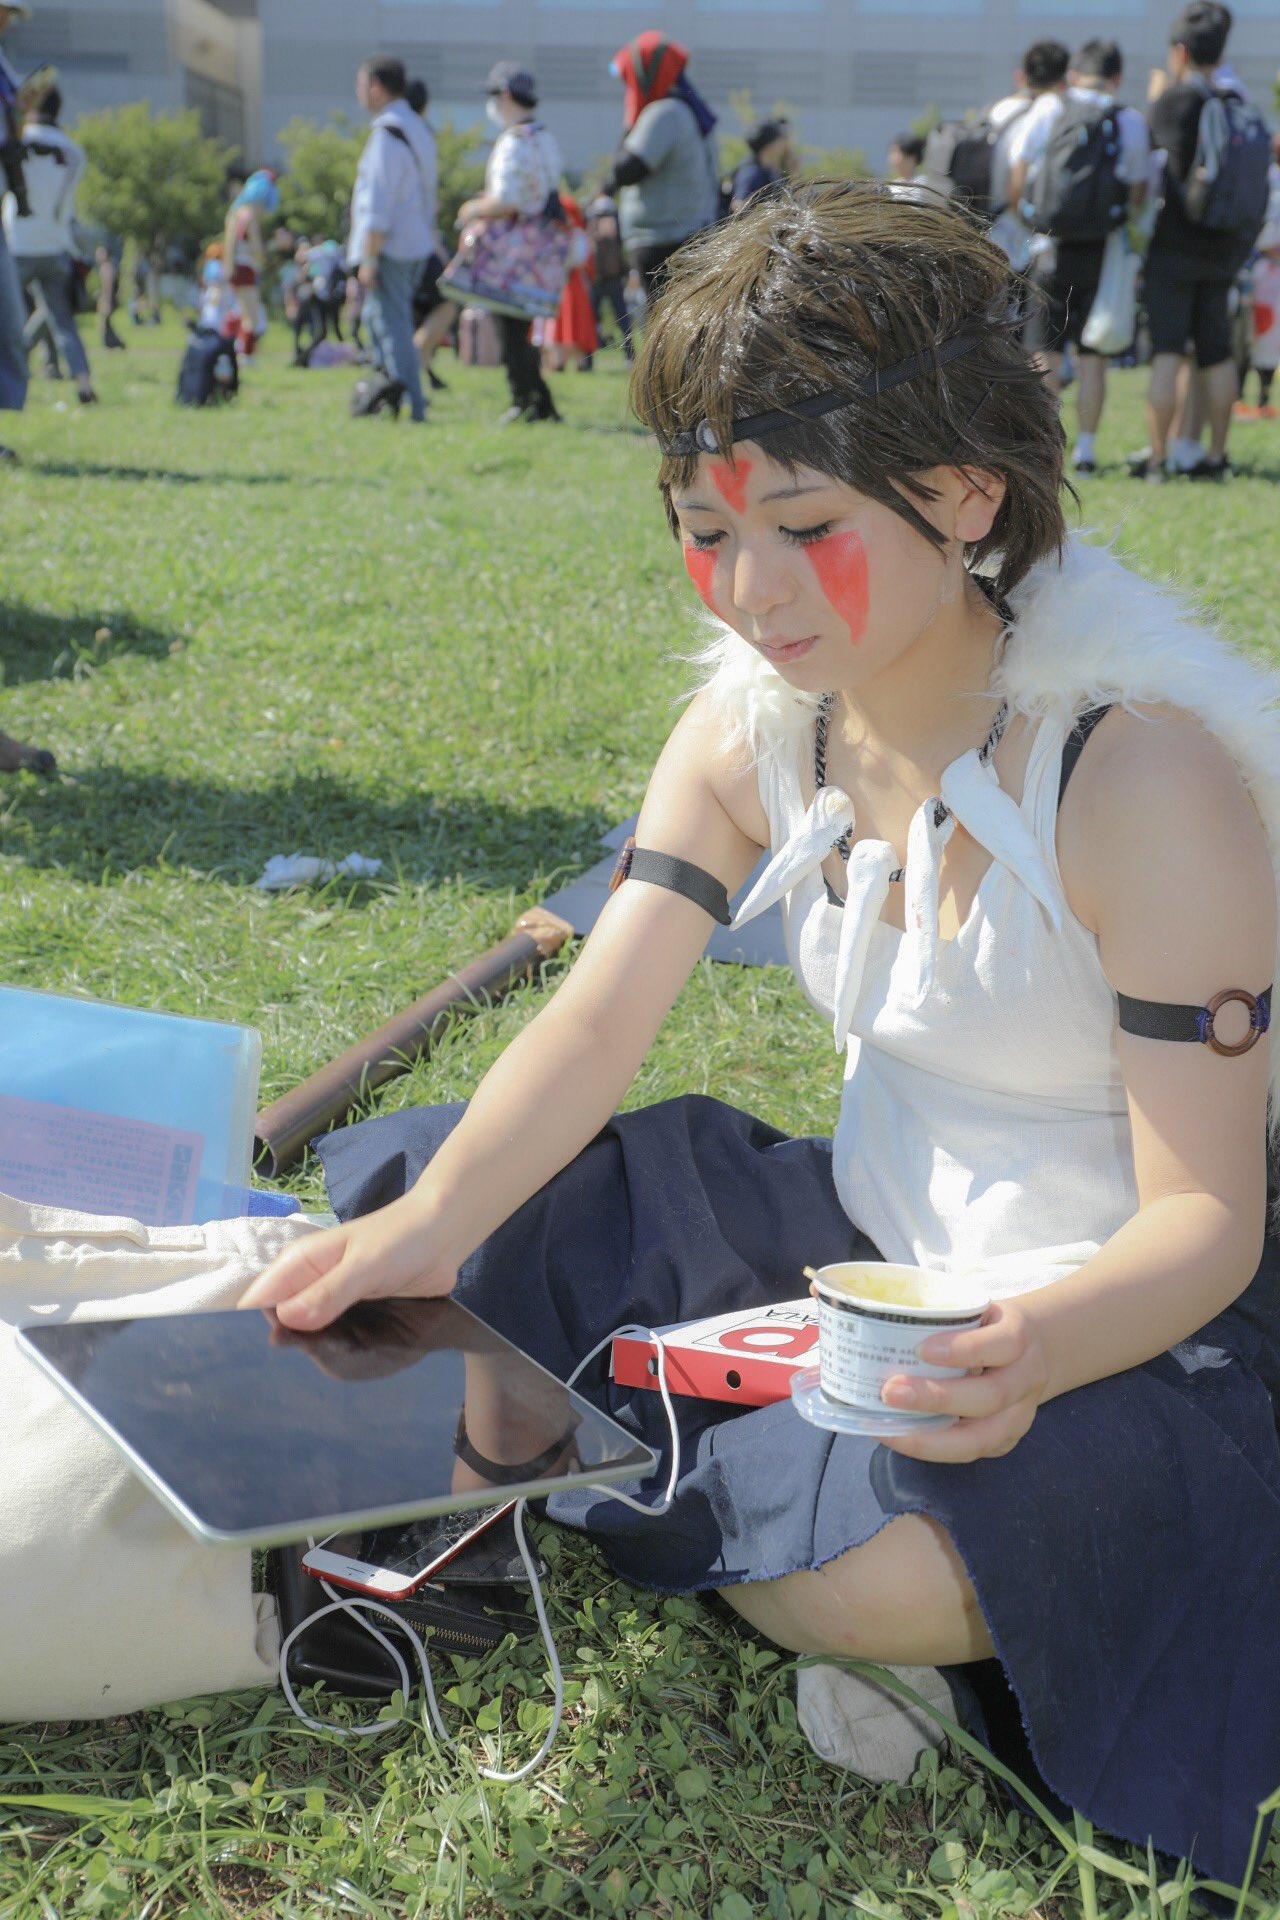 山に帰る気がない?「もののけ姫」のサンが普通に宅配ピザを食べタブレットをいじるwww